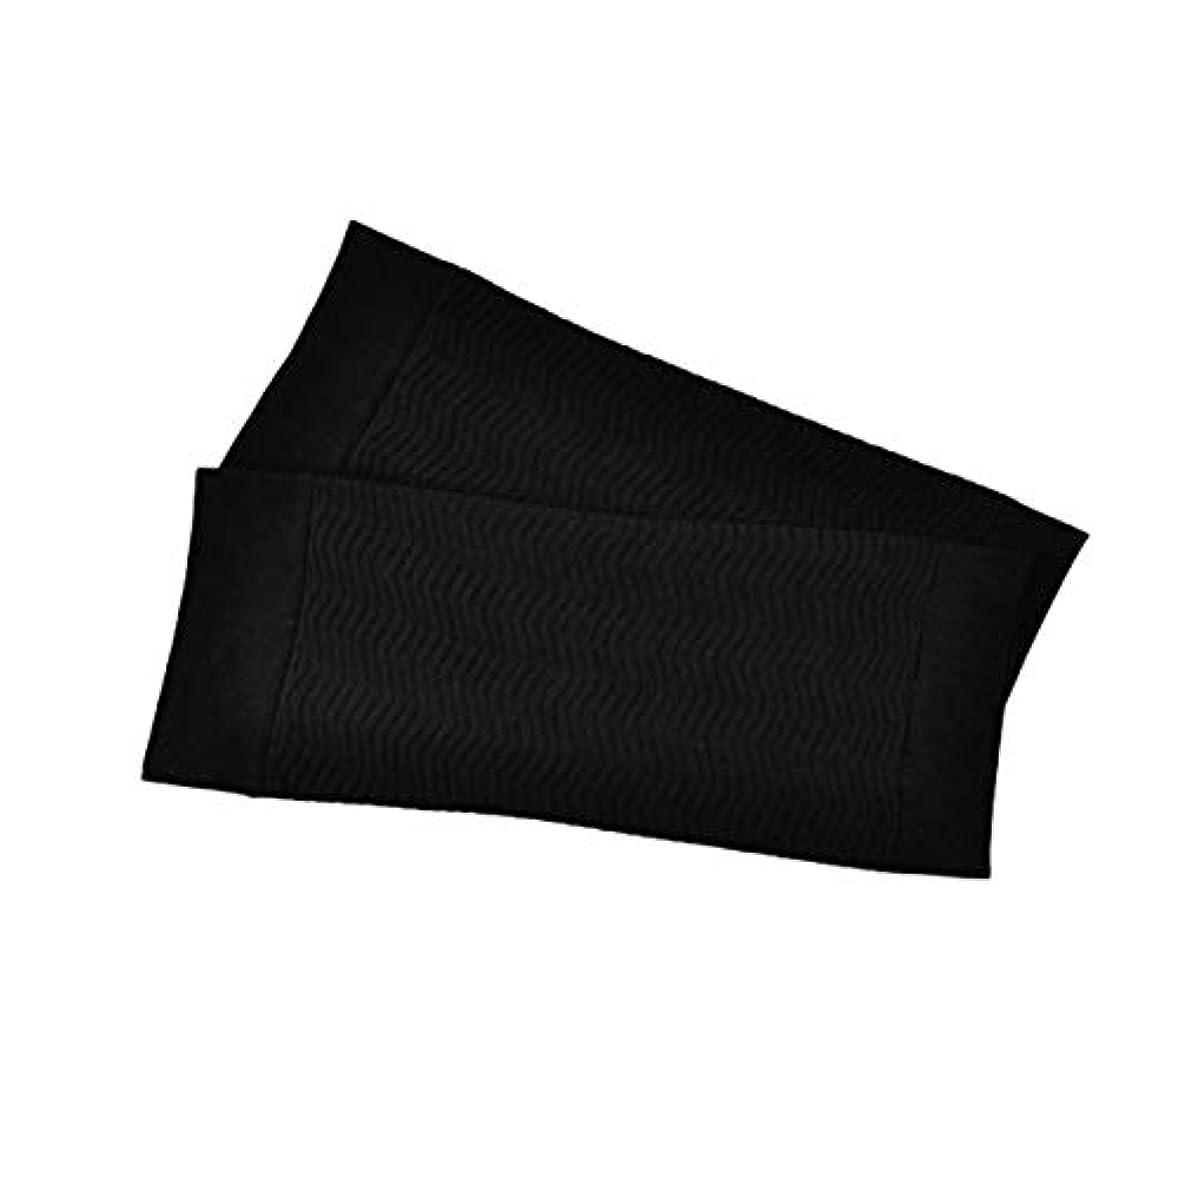 毎回消費するマティス1ペア680Dコンプレッションアームシェイパーワークアウトトーニングバーンセルライトスリミングアームスリーブファットバーニングショートスリーブ女性用-ブラック